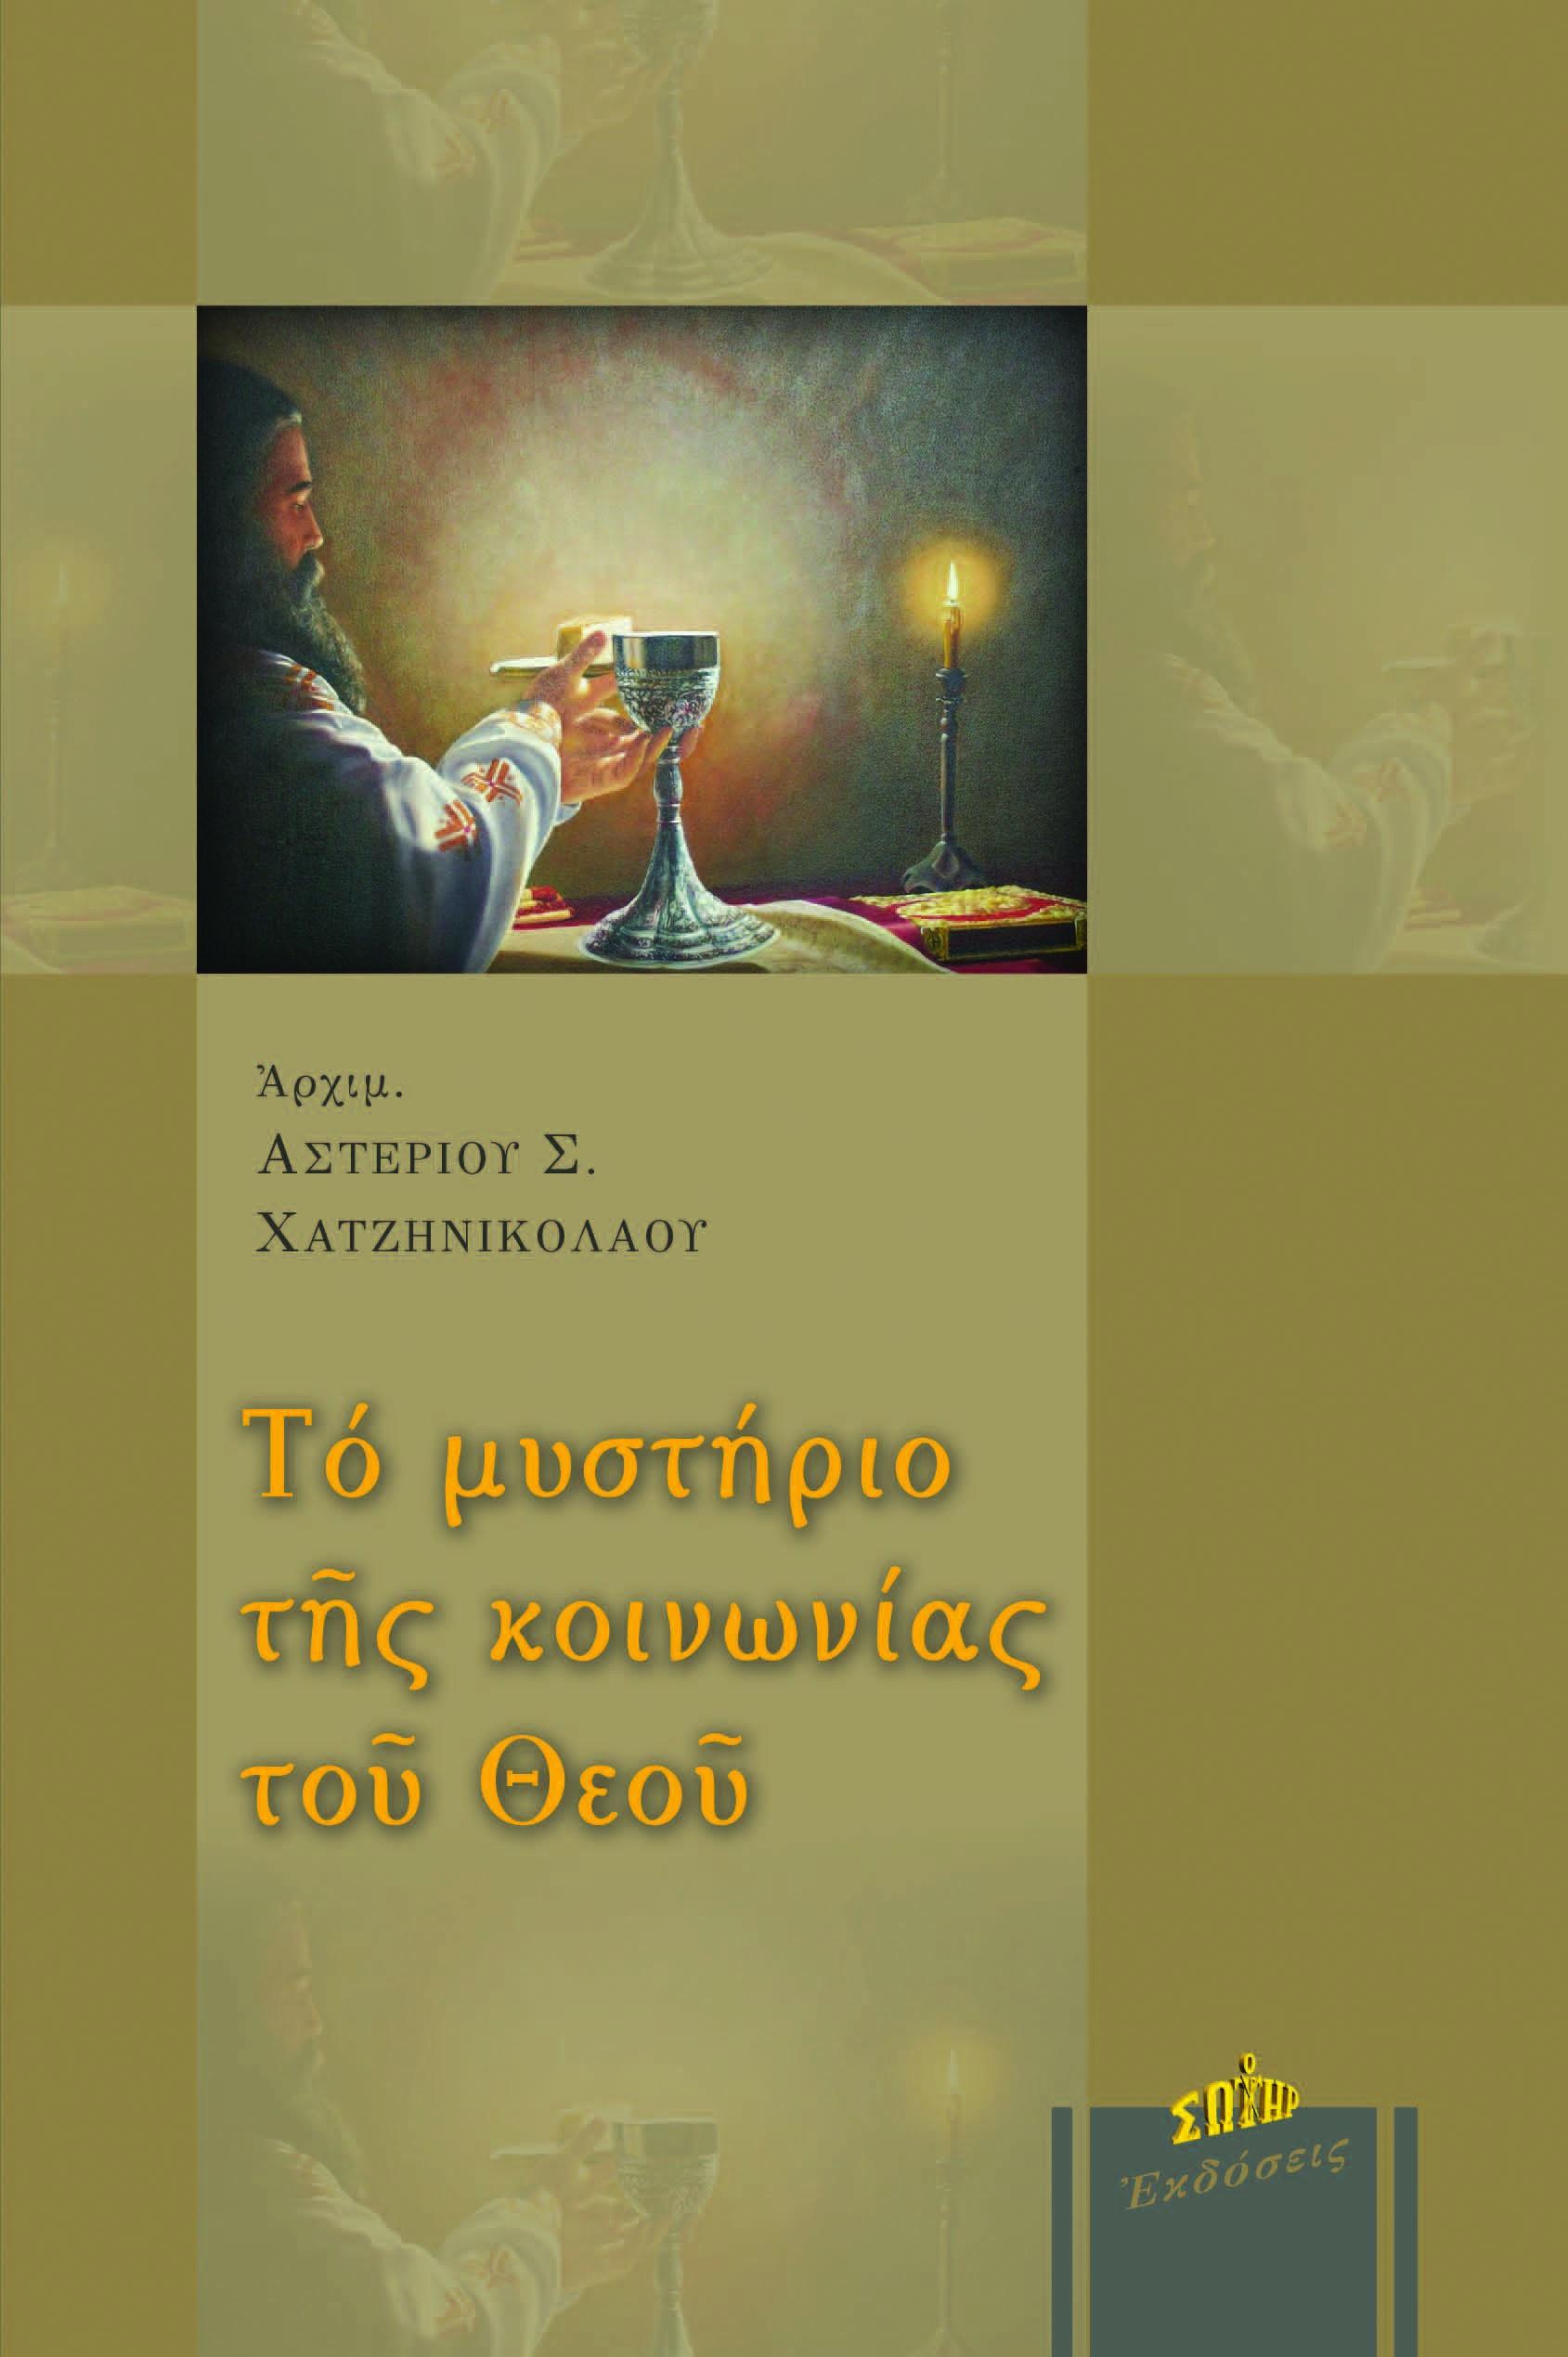 Οἰκοδομητικά ΤΟ ΜΥΣΤΗΡΙΟ ΤΗΣ ΚΟΙΝΩΝΙΑΣ ΤΟΥ ΘΕΟΥ